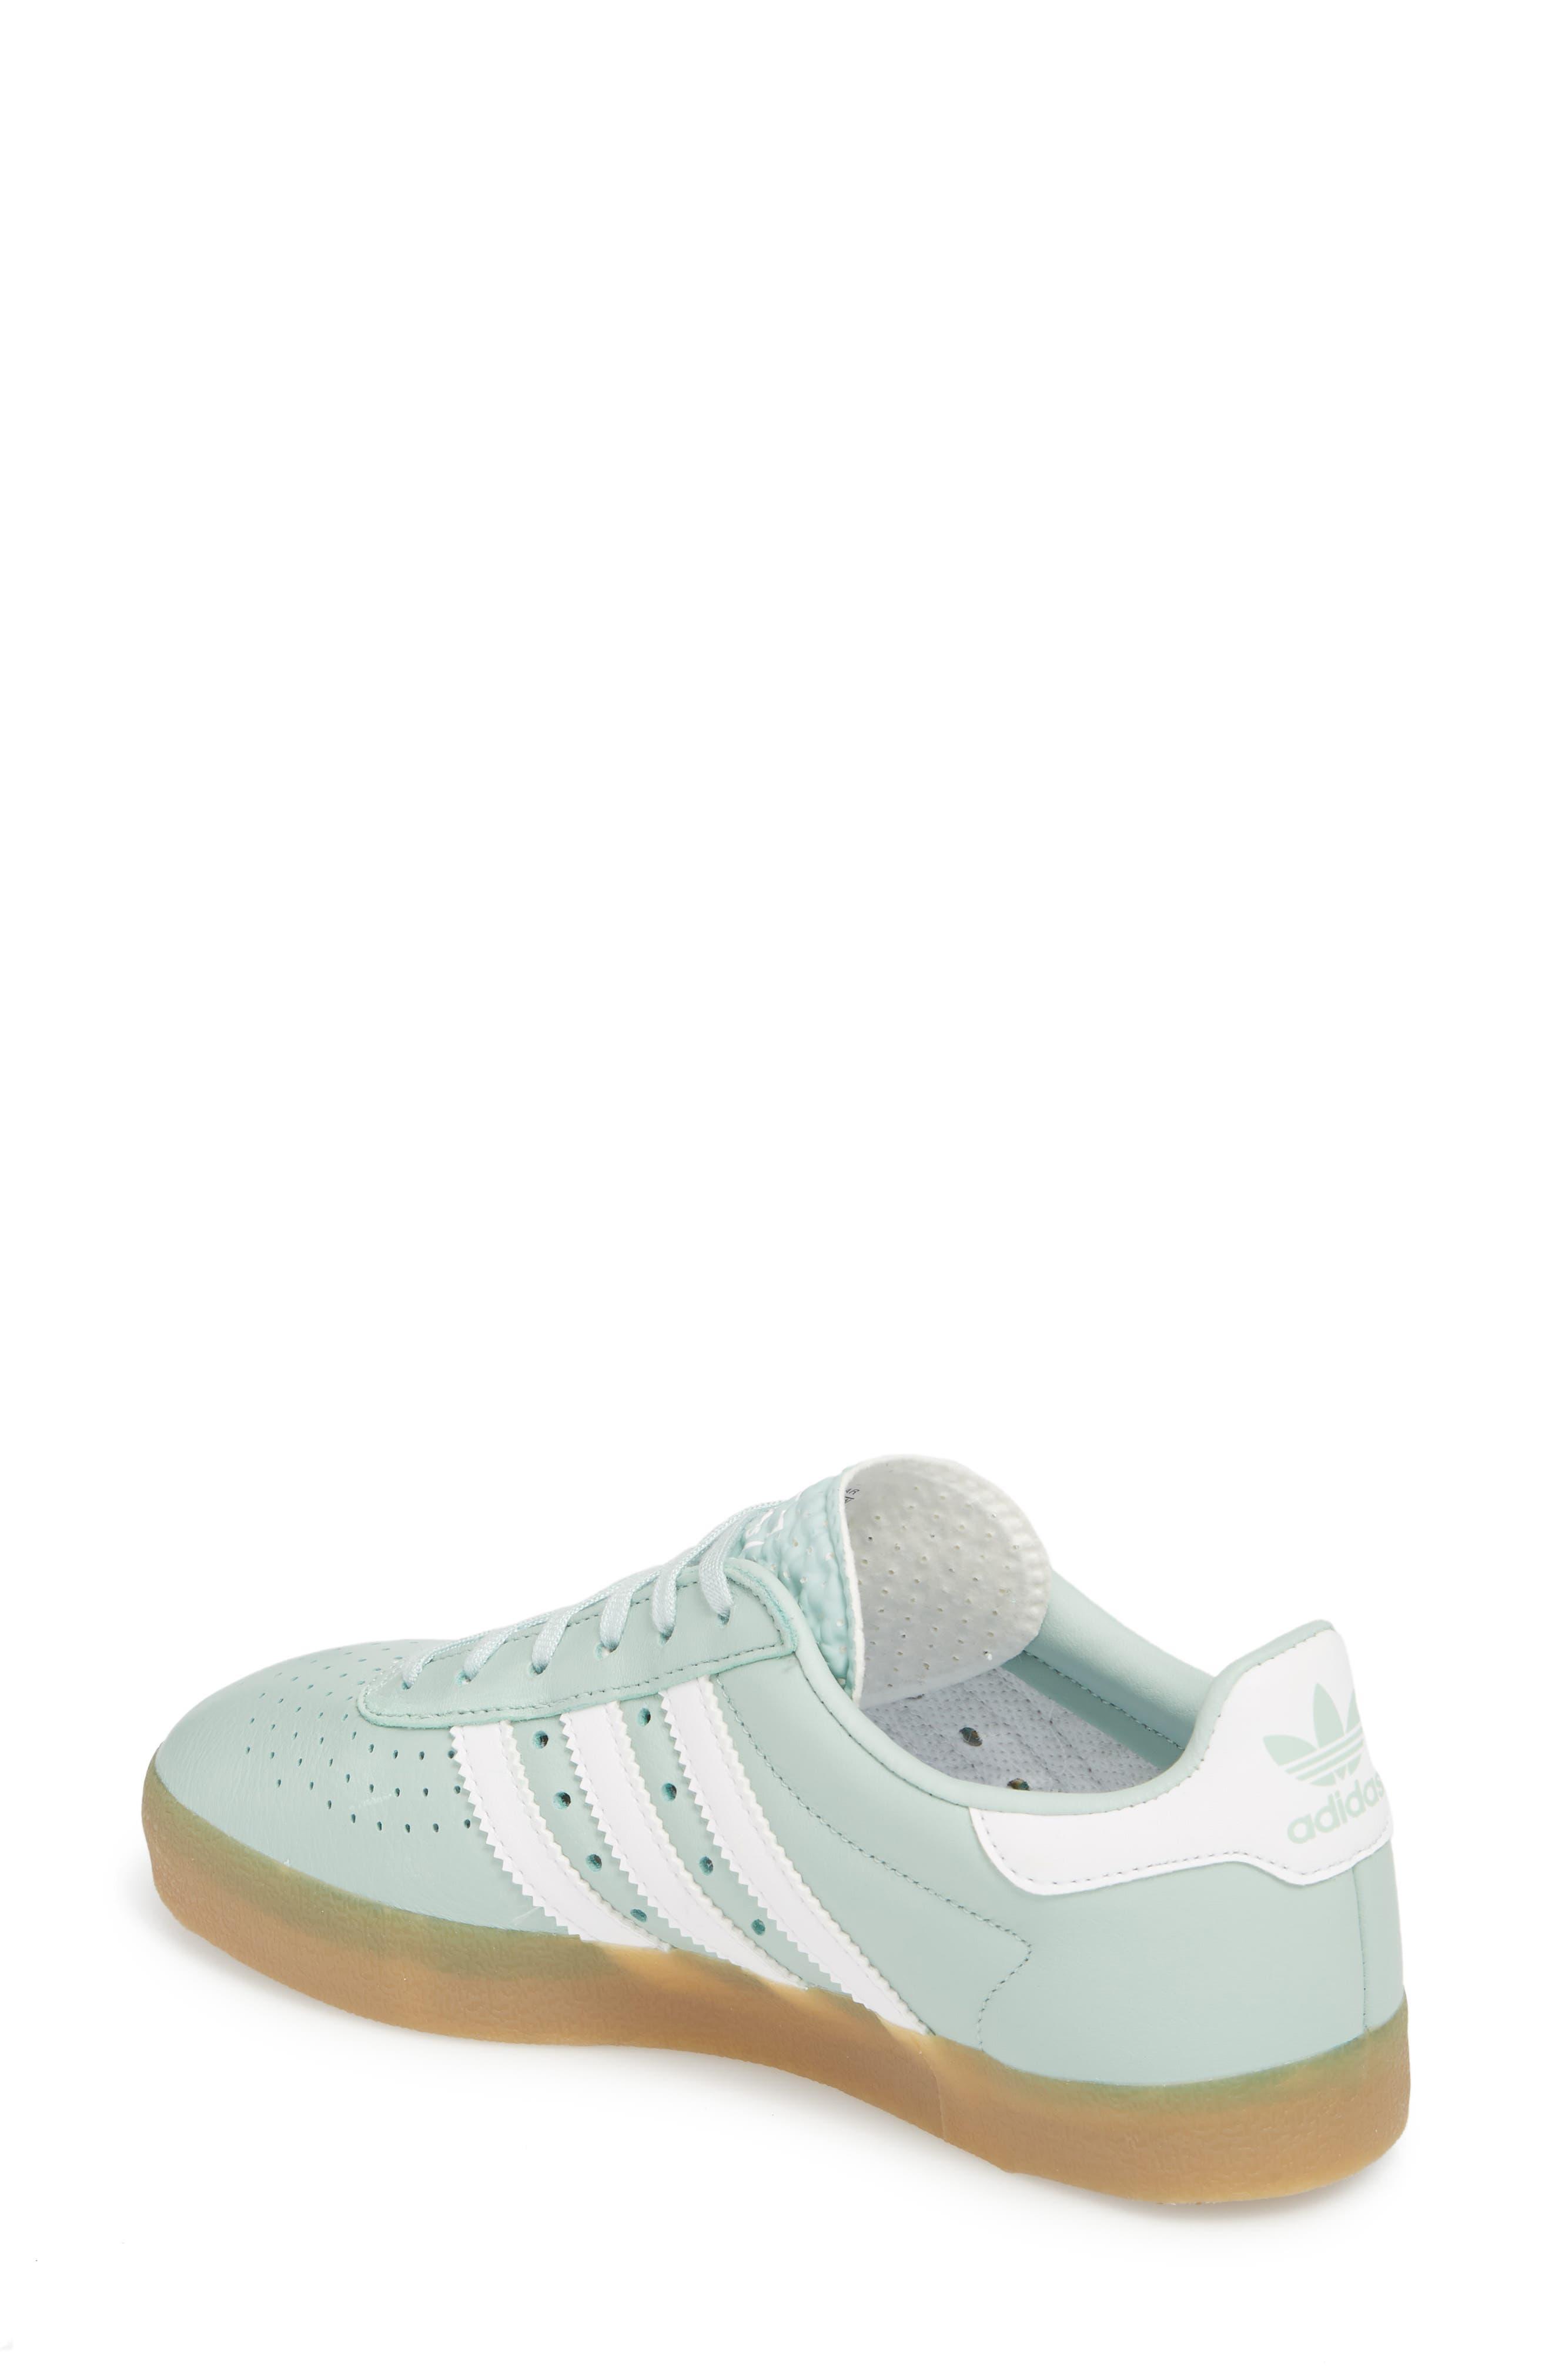 350 Sneaker,                             Alternate thumbnail 2, color,                             ASH GREEN/ WHITE/ GUM